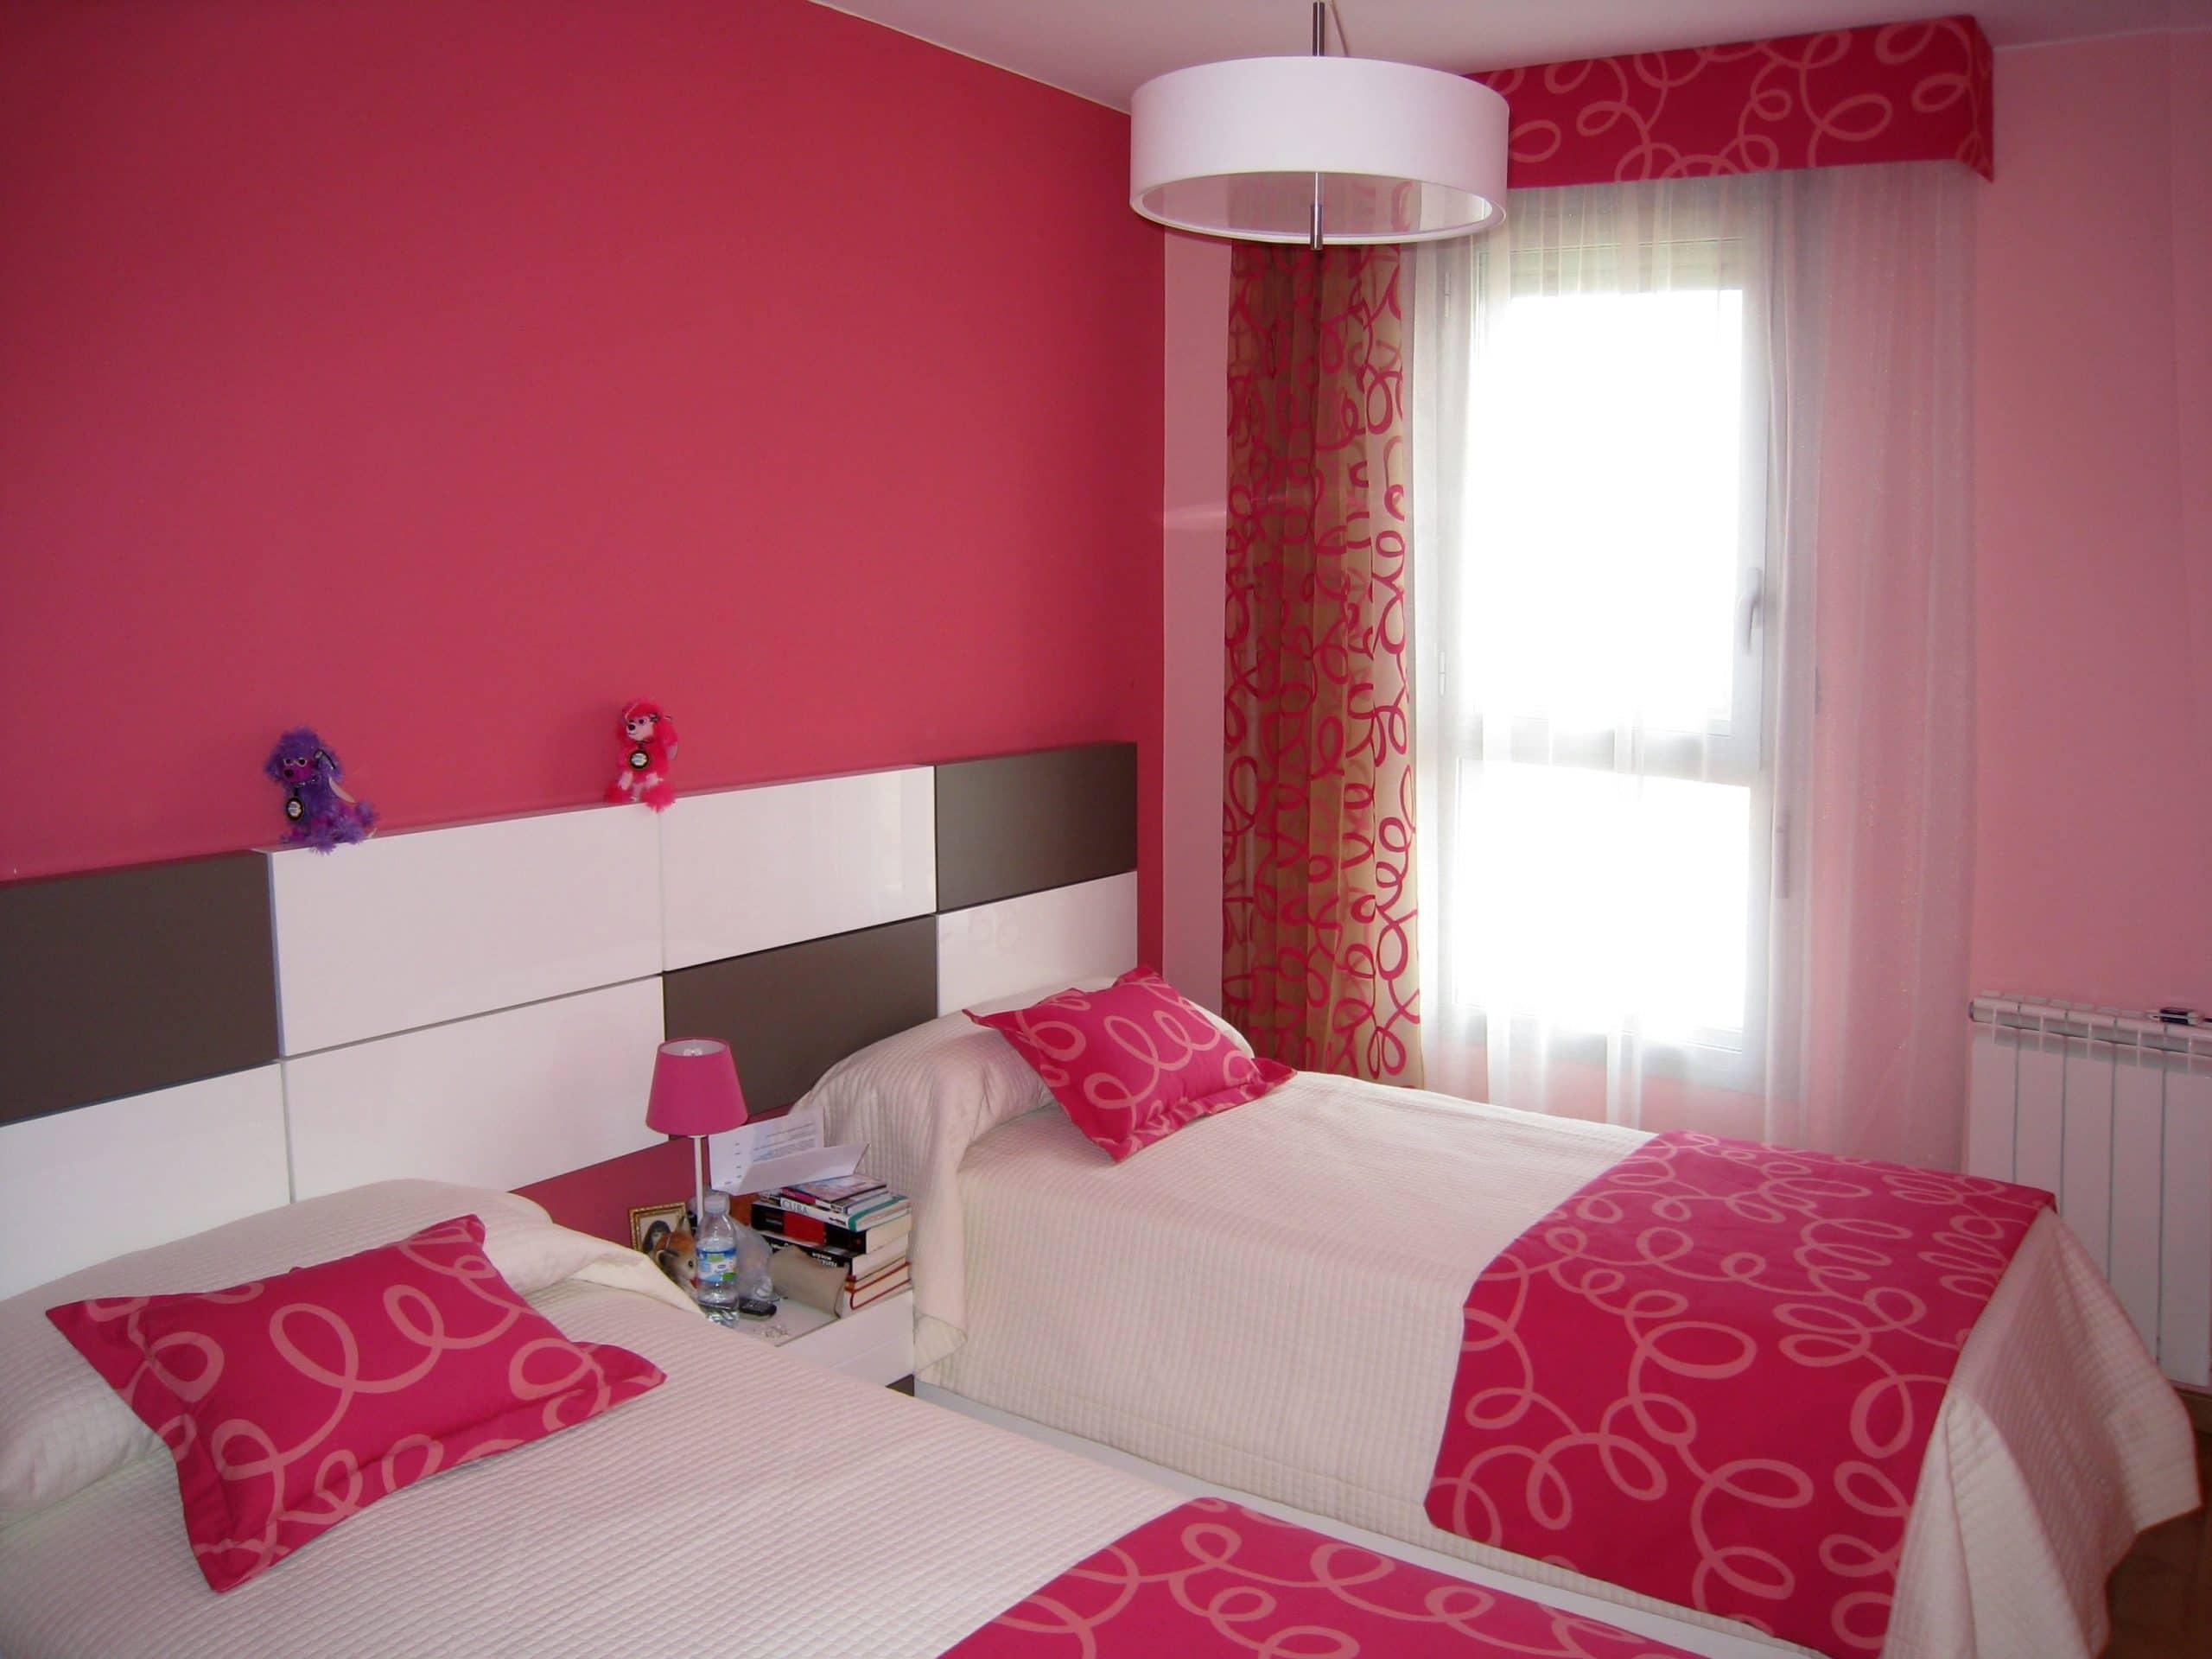 Elige la mejor cortina para tu dormitorio for Cortinas grises para dormitorio